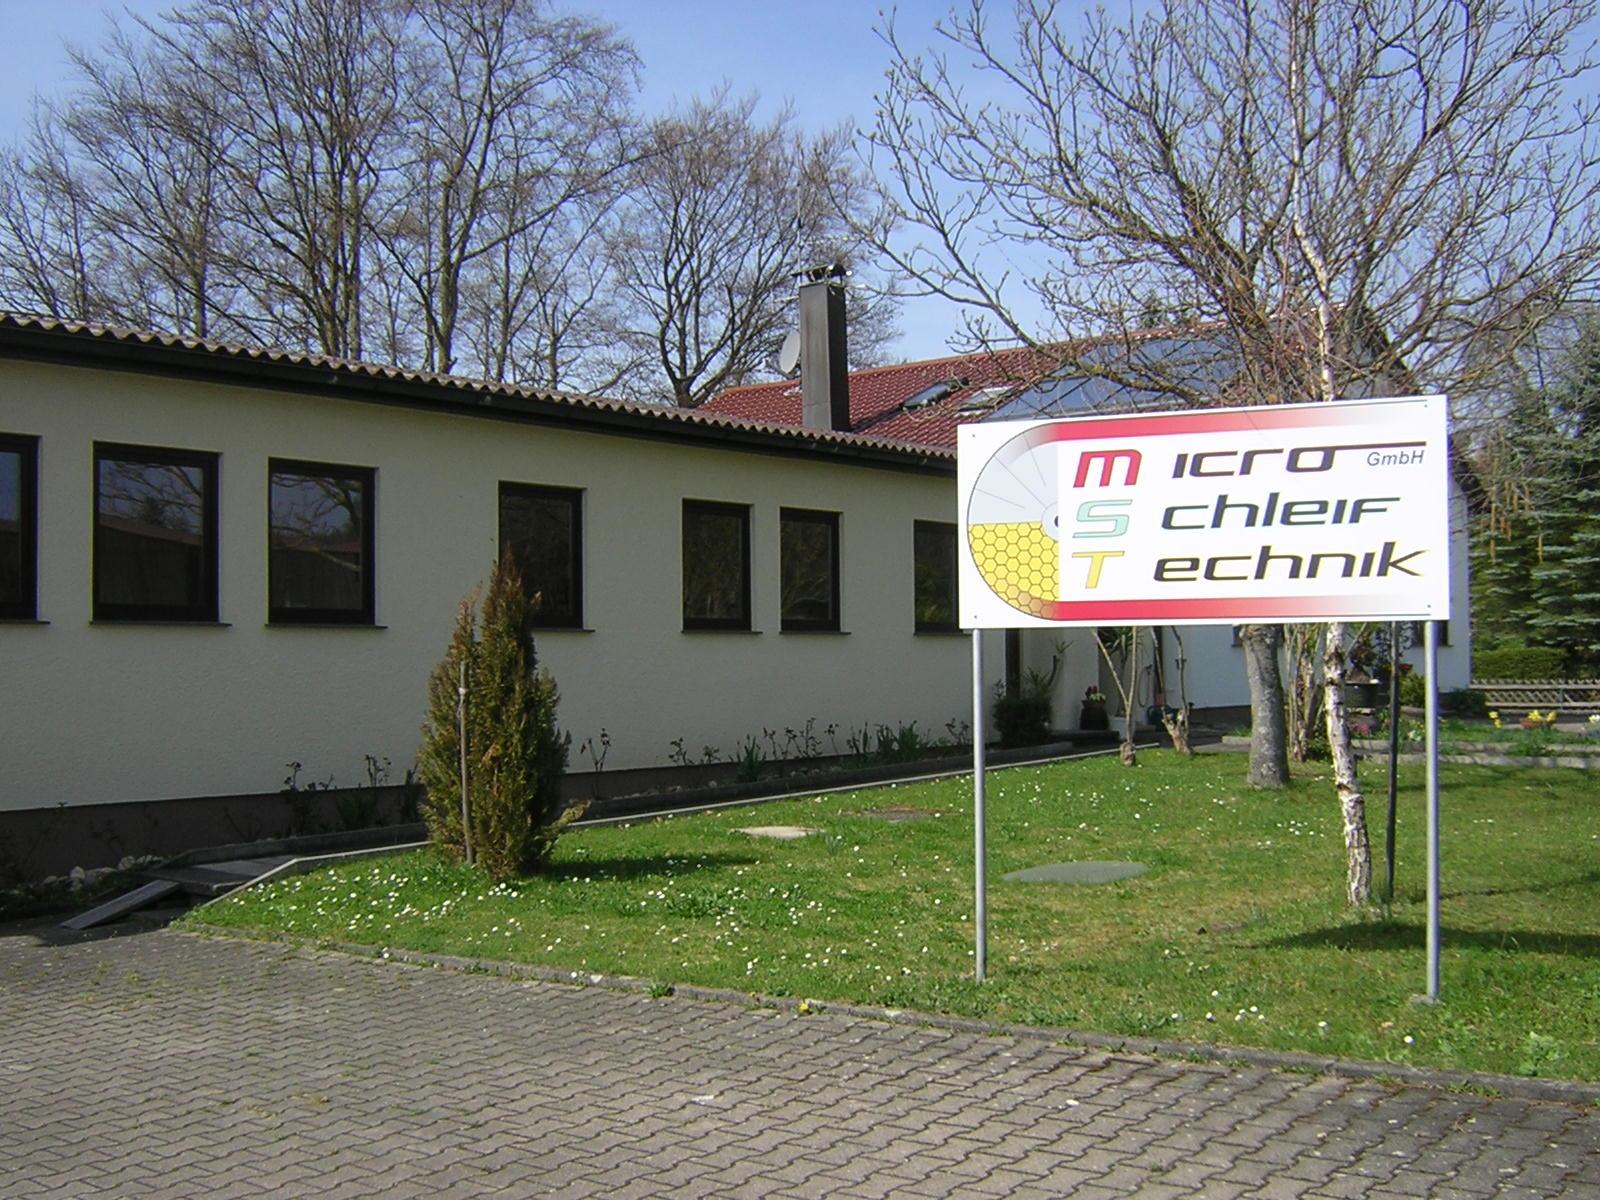 Micro Schleif Technik